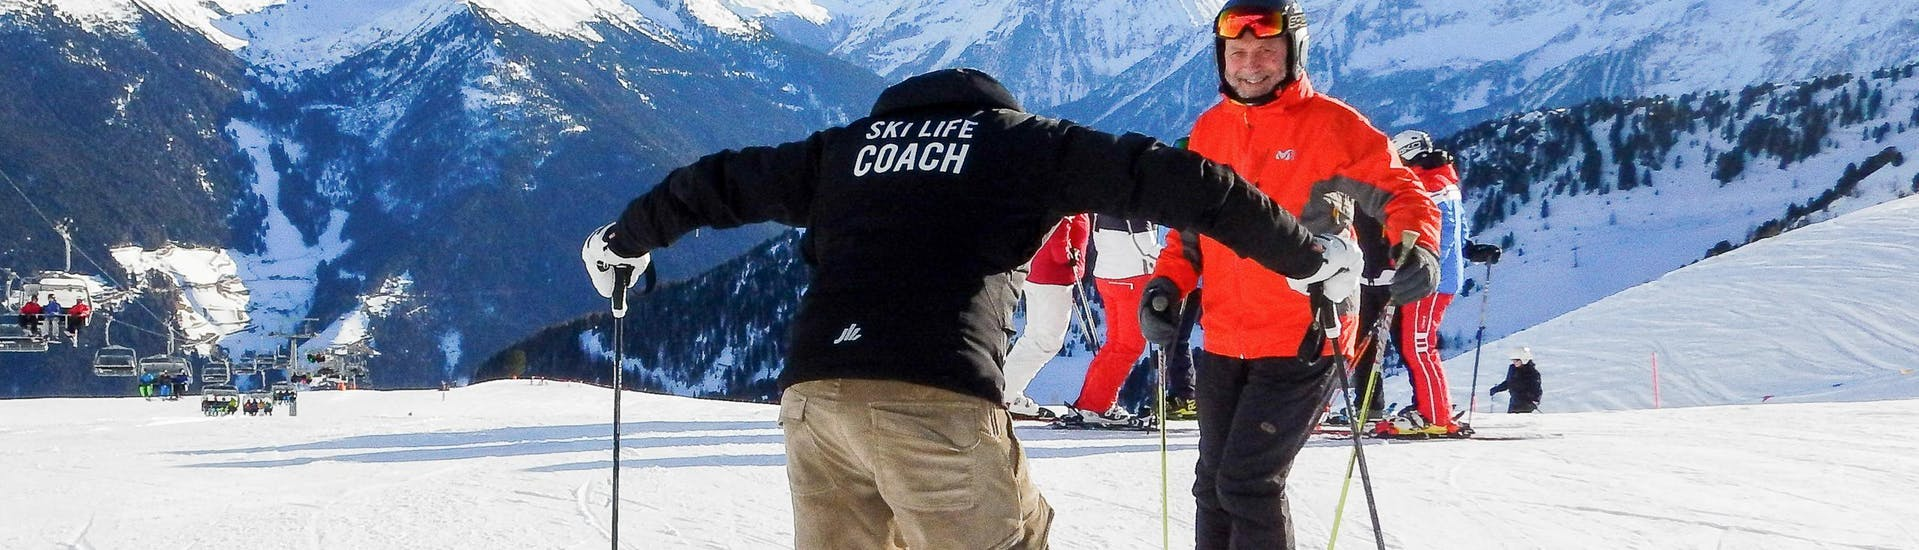 Cours particulier de ski Adultes - Premier cours